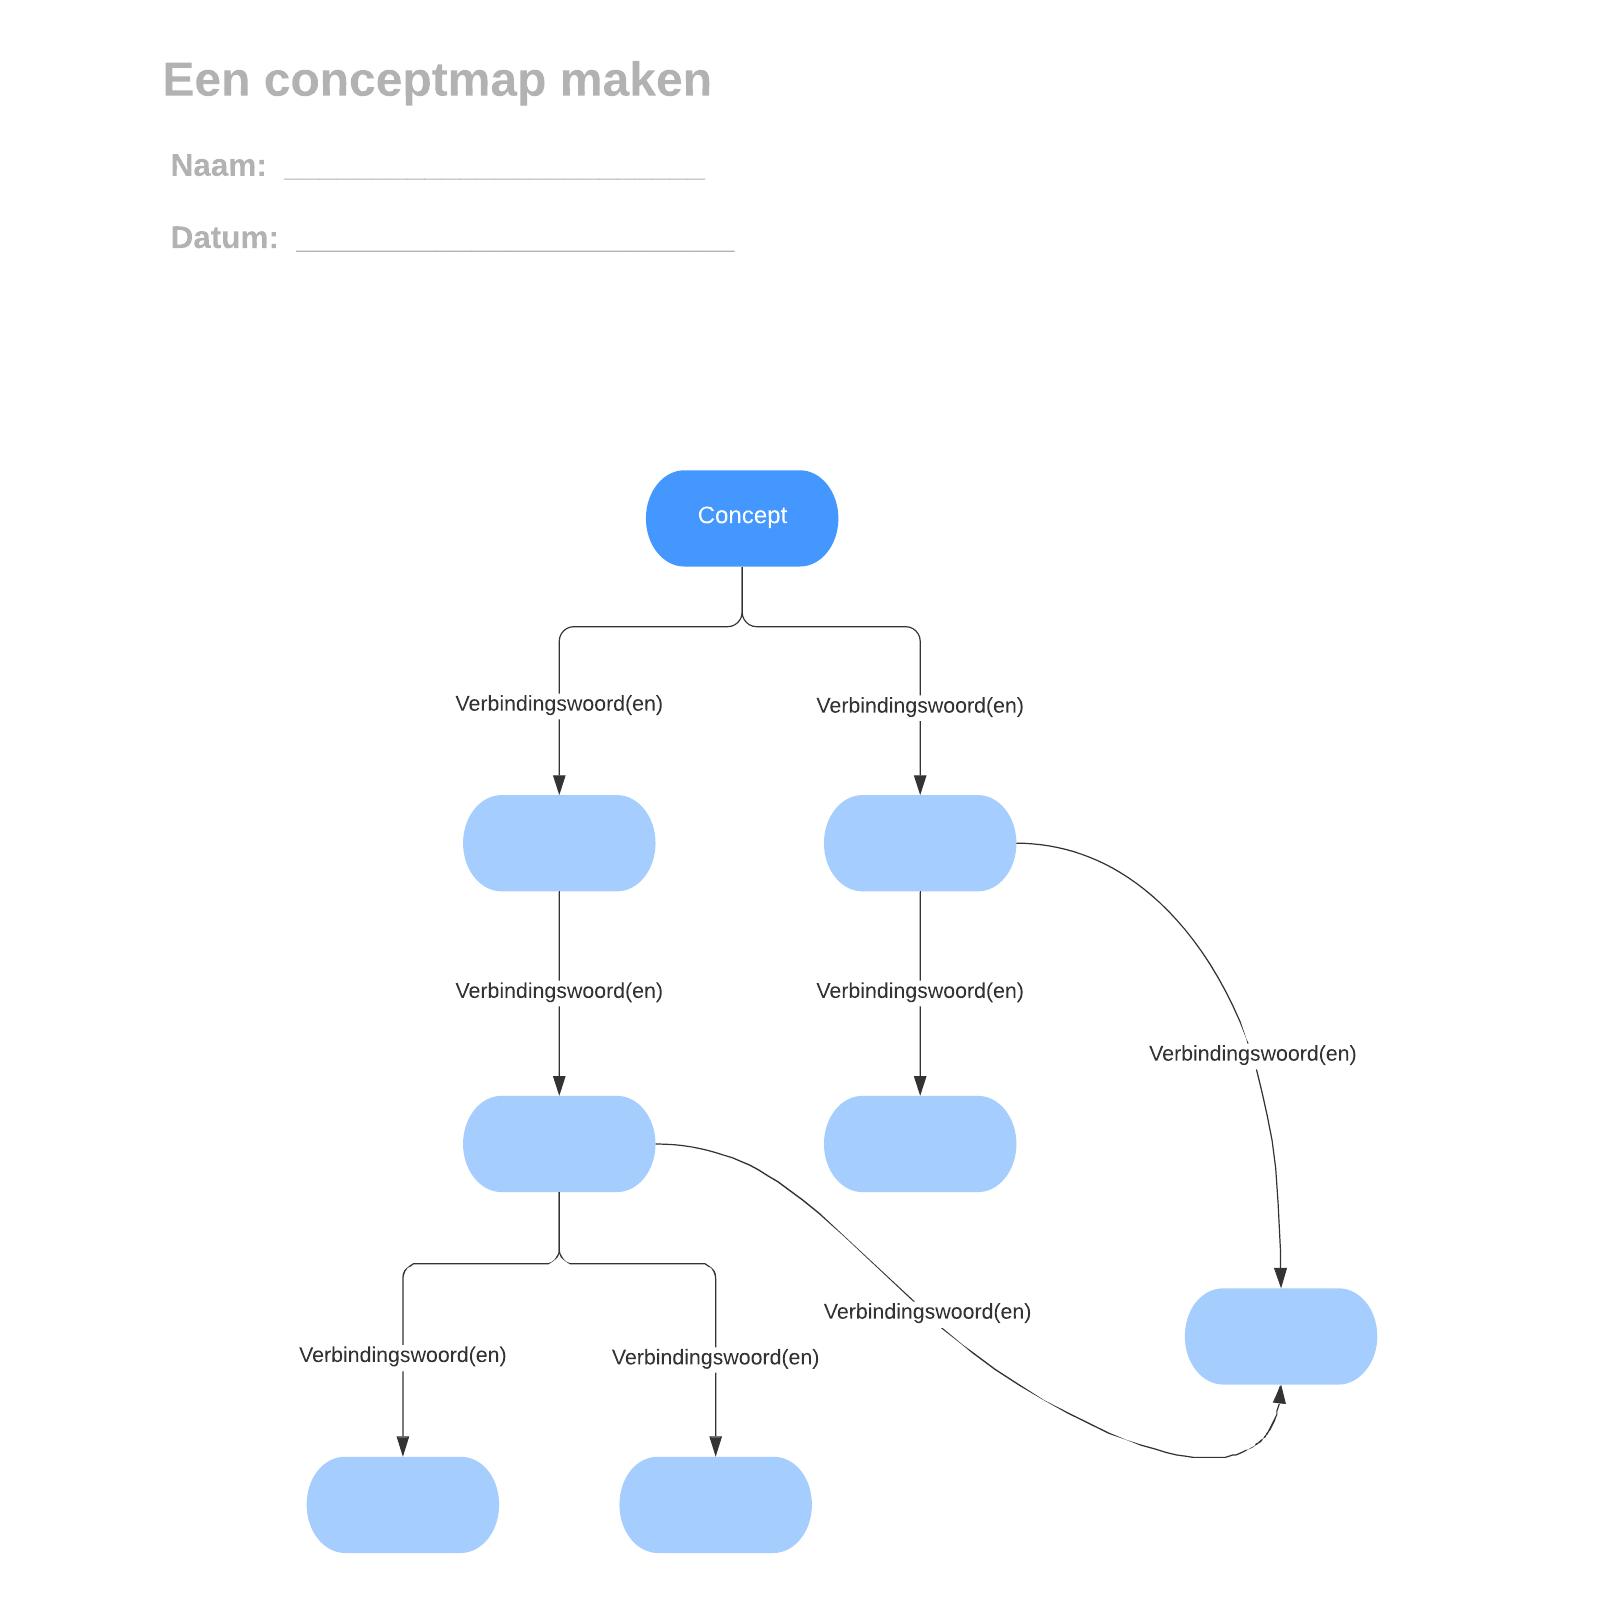 Een conceptmap maken